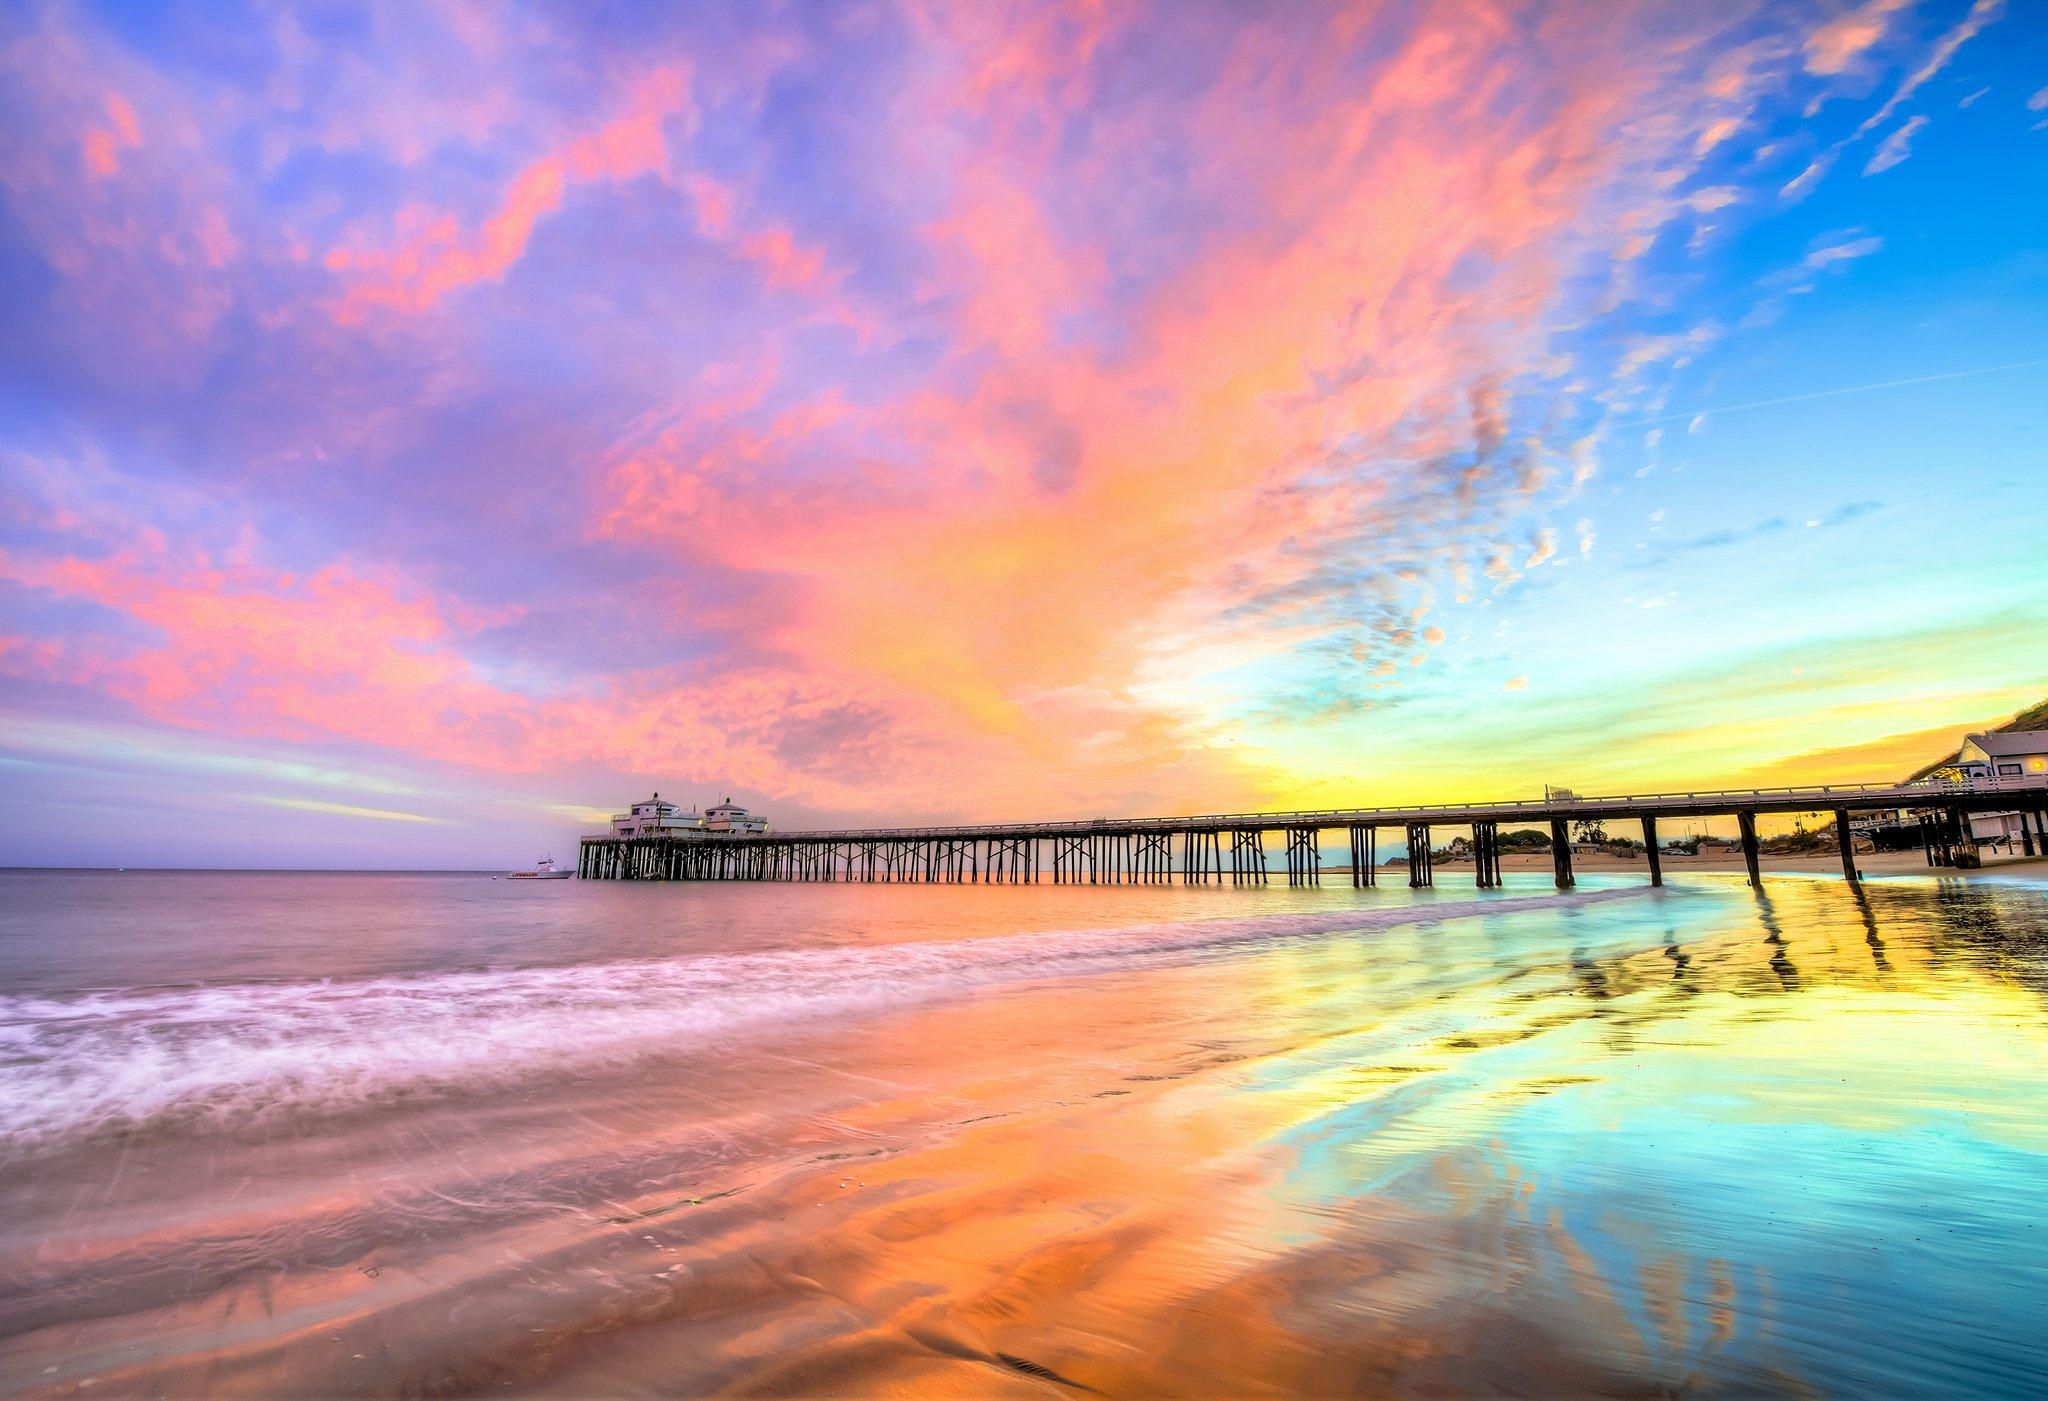 griffith Observatory Oscars Venice beach Newport beach Venice 2048x1401